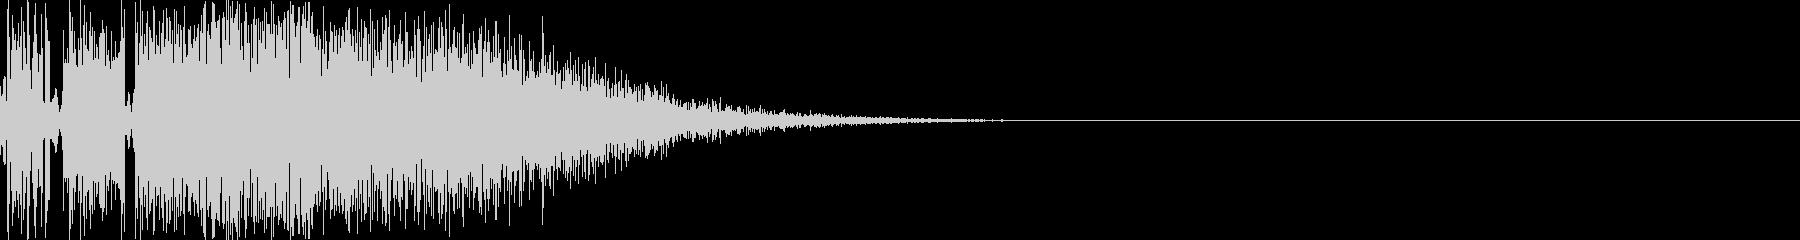 ジャブ(ビシッと軽い音)の未再生の波形